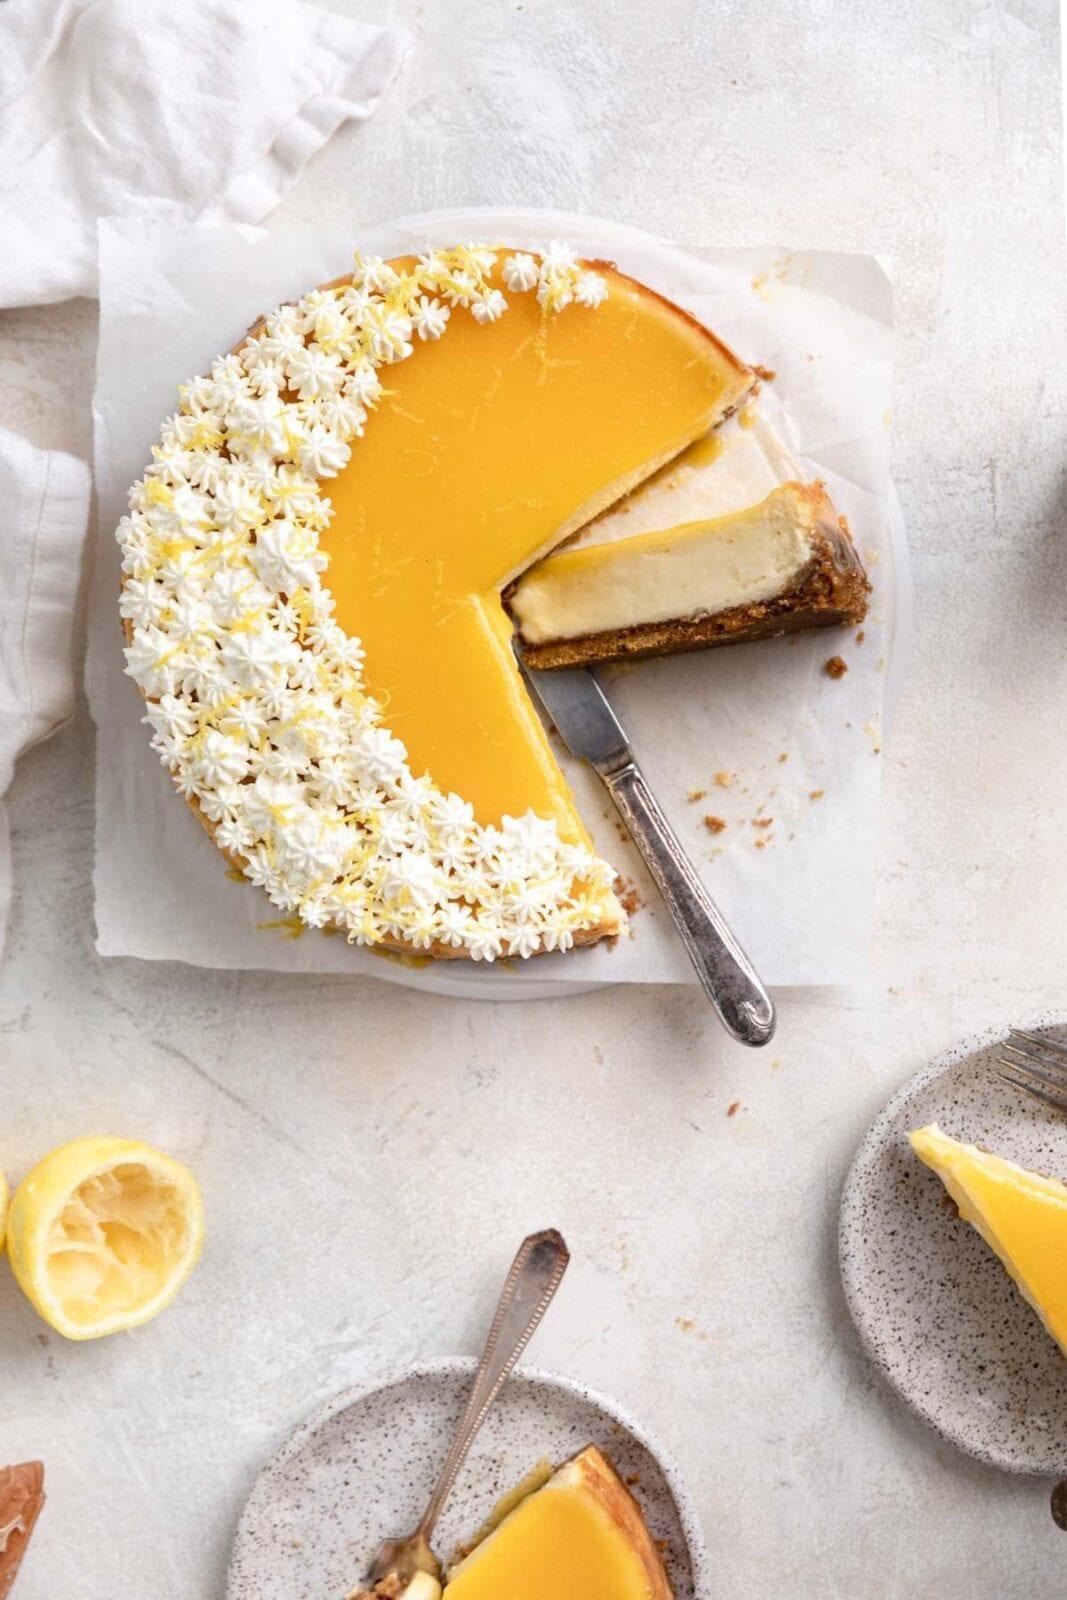 álmodozó citromos túrós sajttorta kivágott szeletekkel